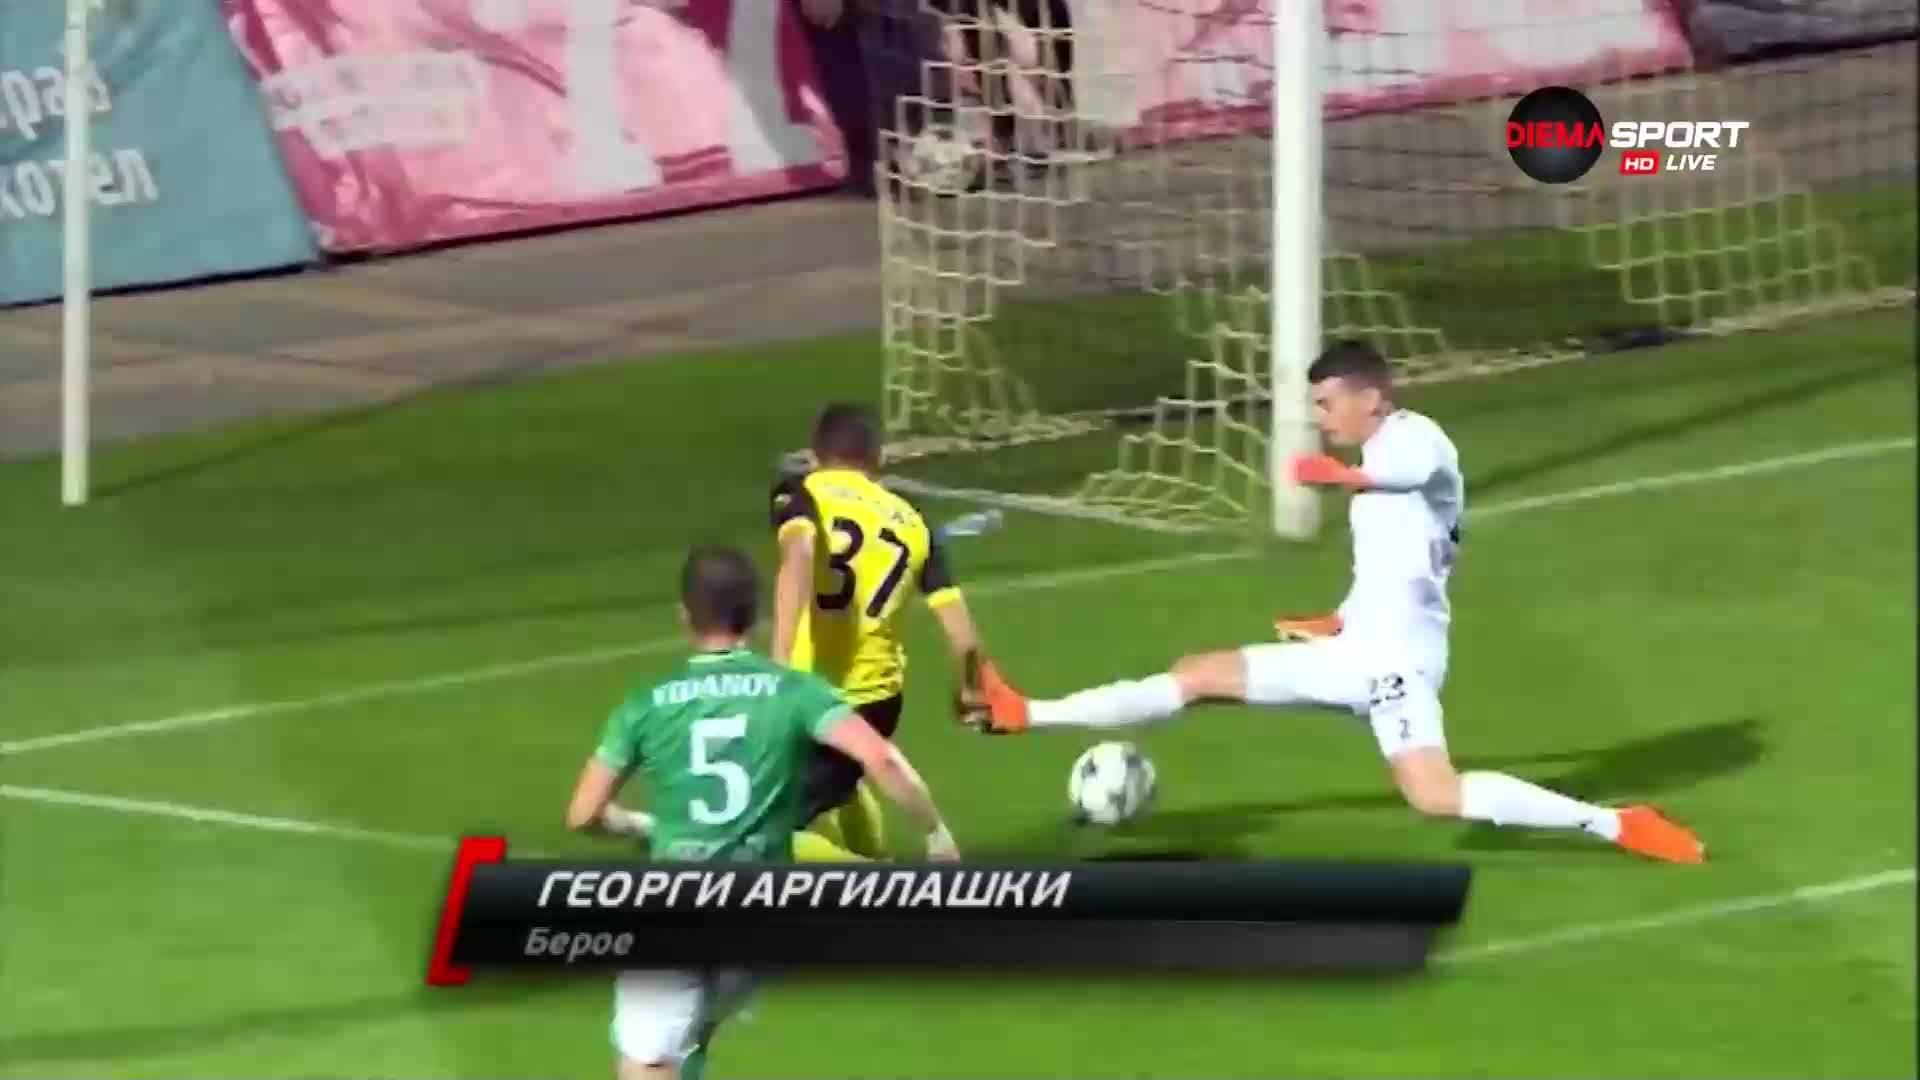 Спасяването на Георги Аргилашки срещу ЦСКА